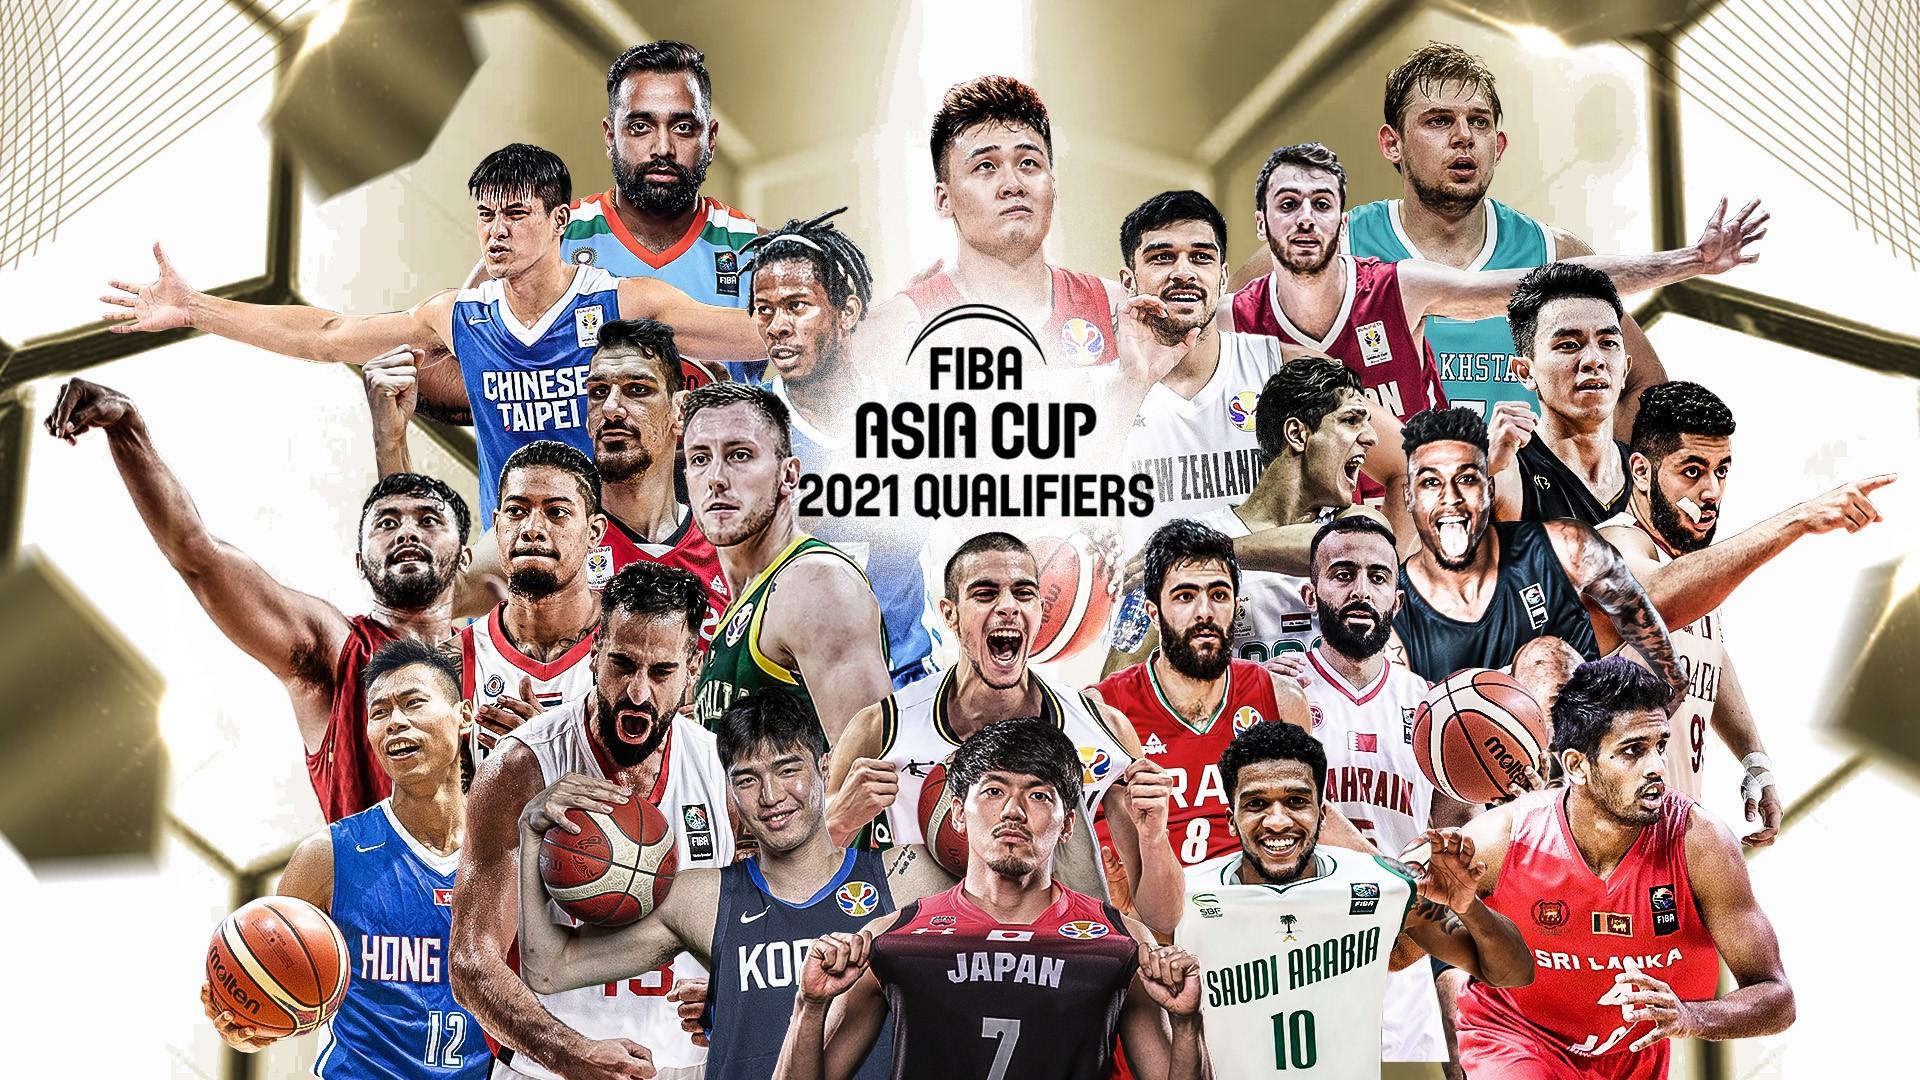 赵睿成为2021年亚洲杯预选赛海报封面人物